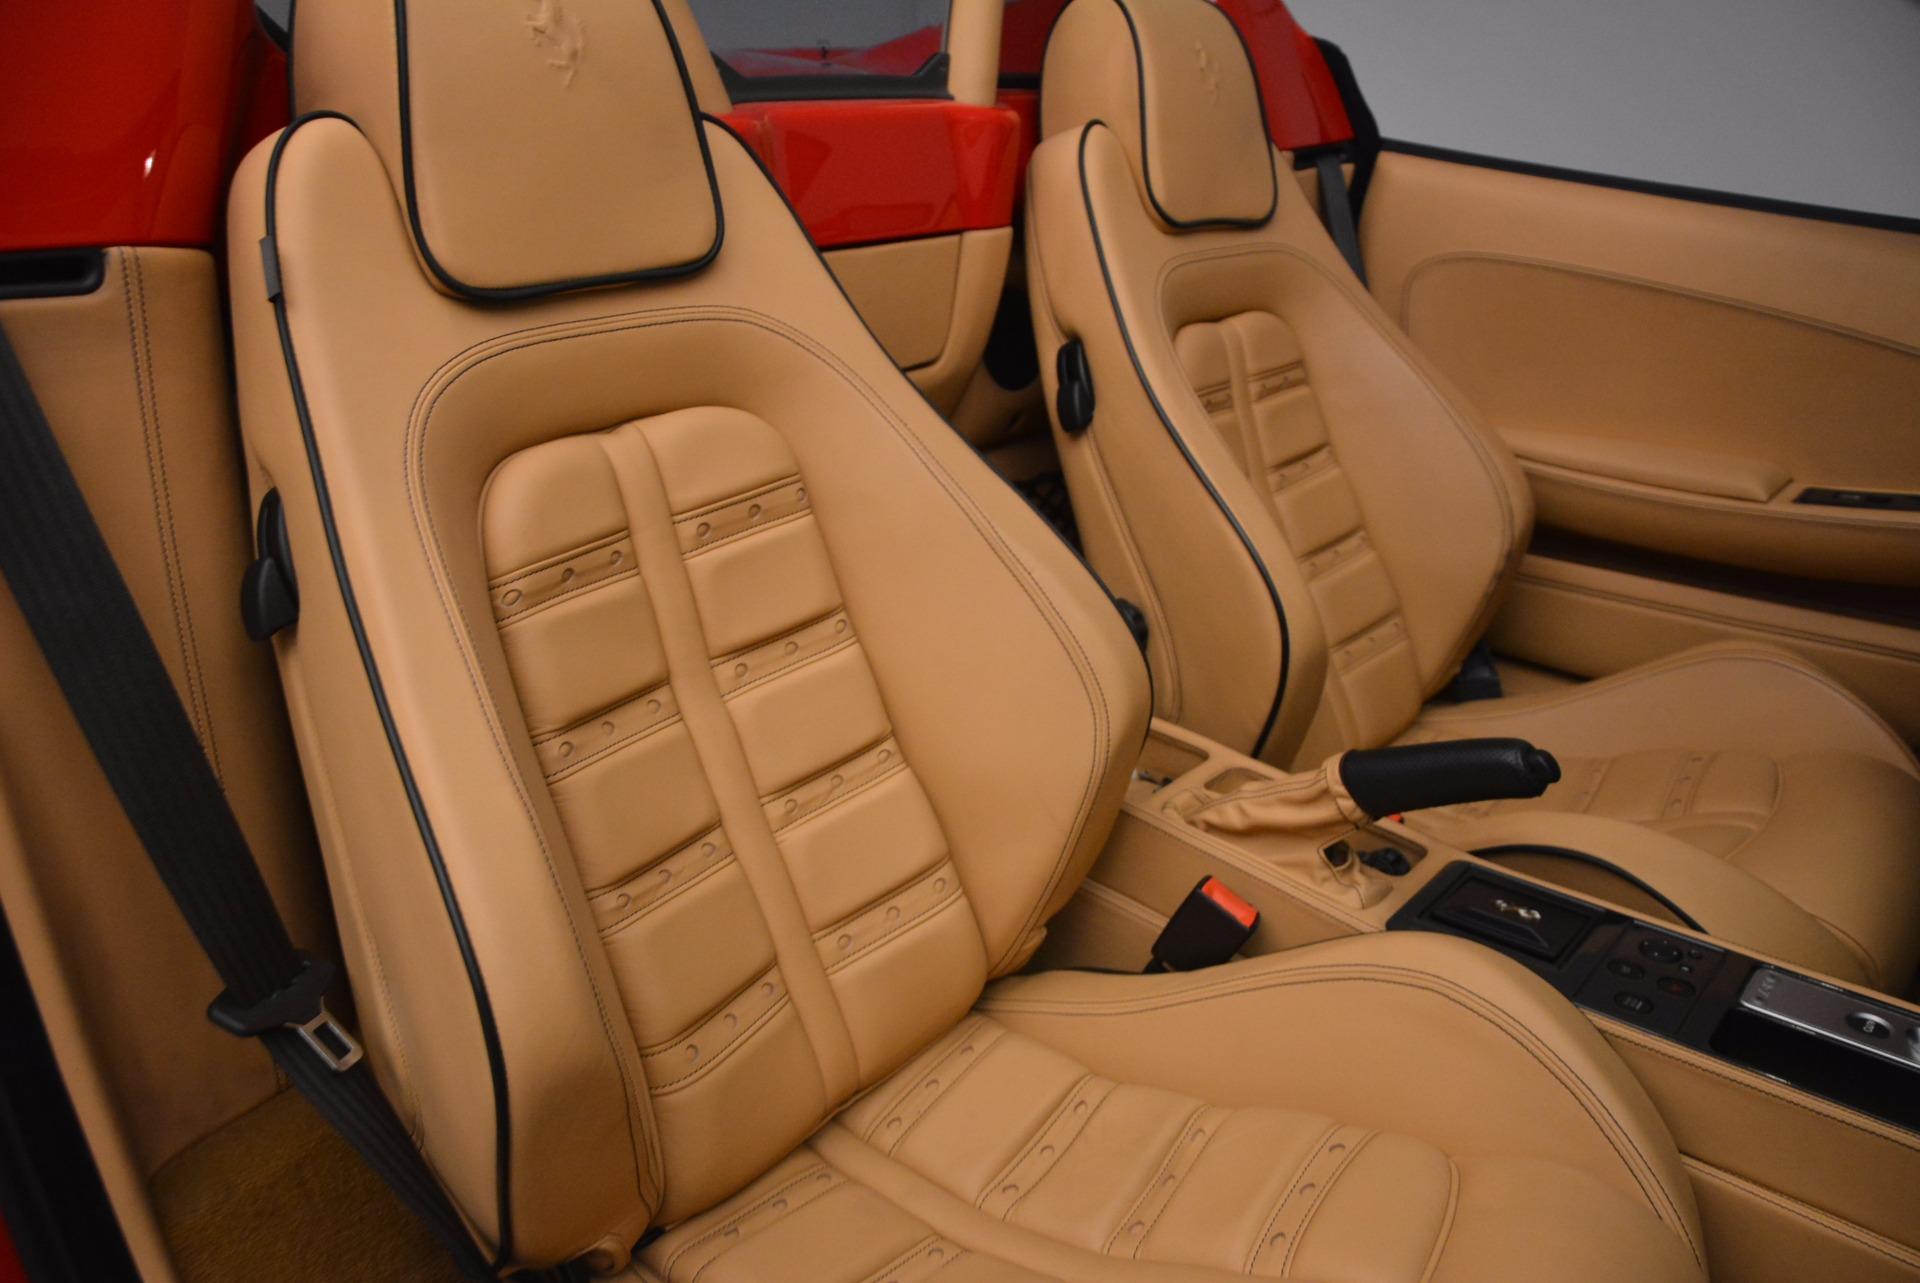 Used 2008 Ferrari F430 Spider For Sale In Greenwich, CT 1282_p31